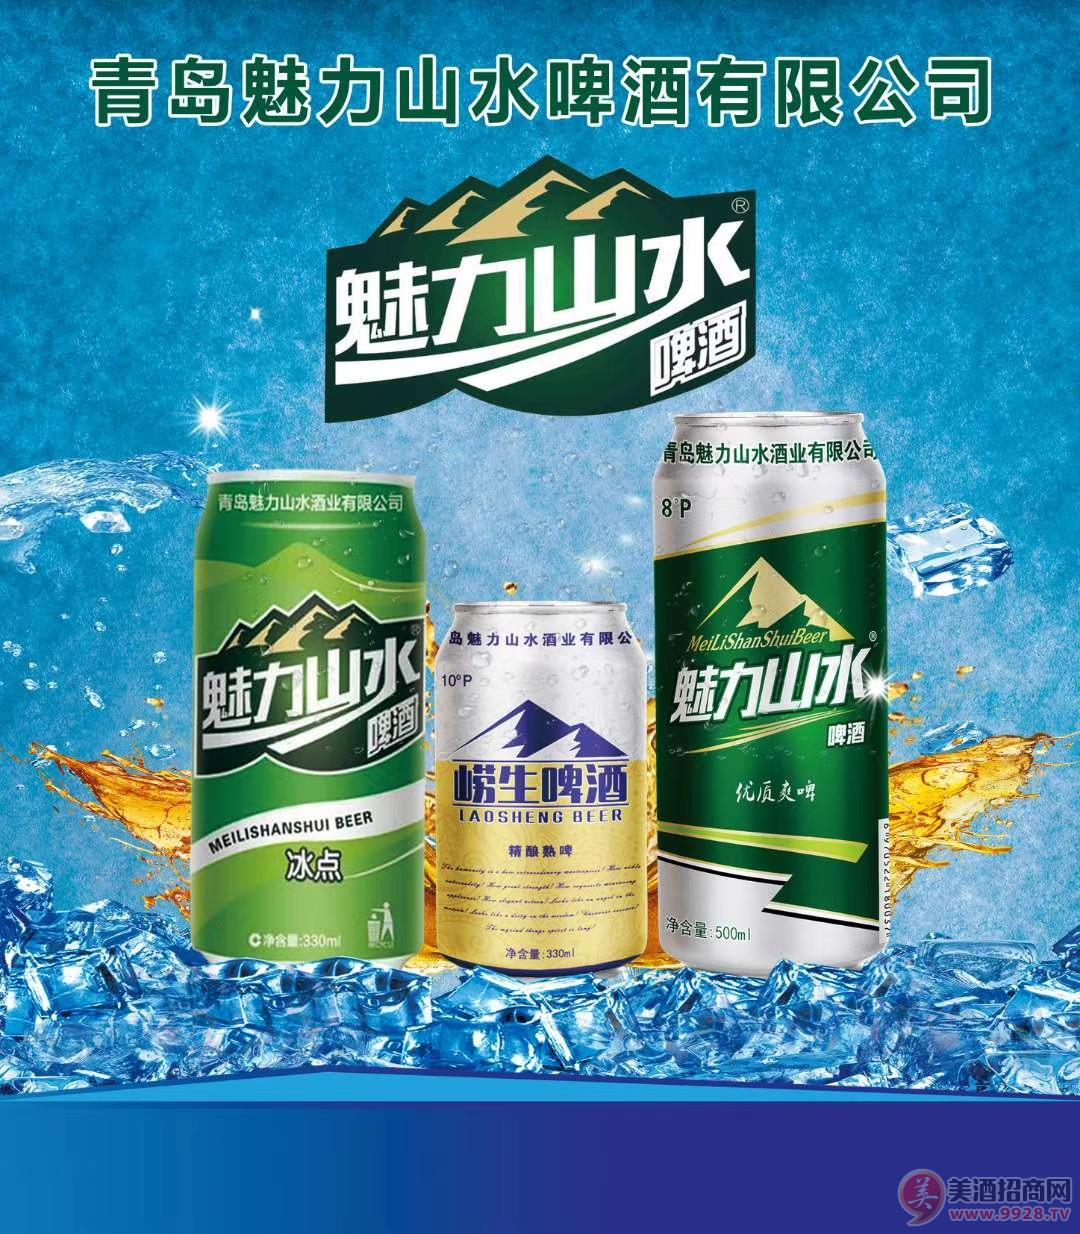 青岛魅力山水,百士博啤酒招商